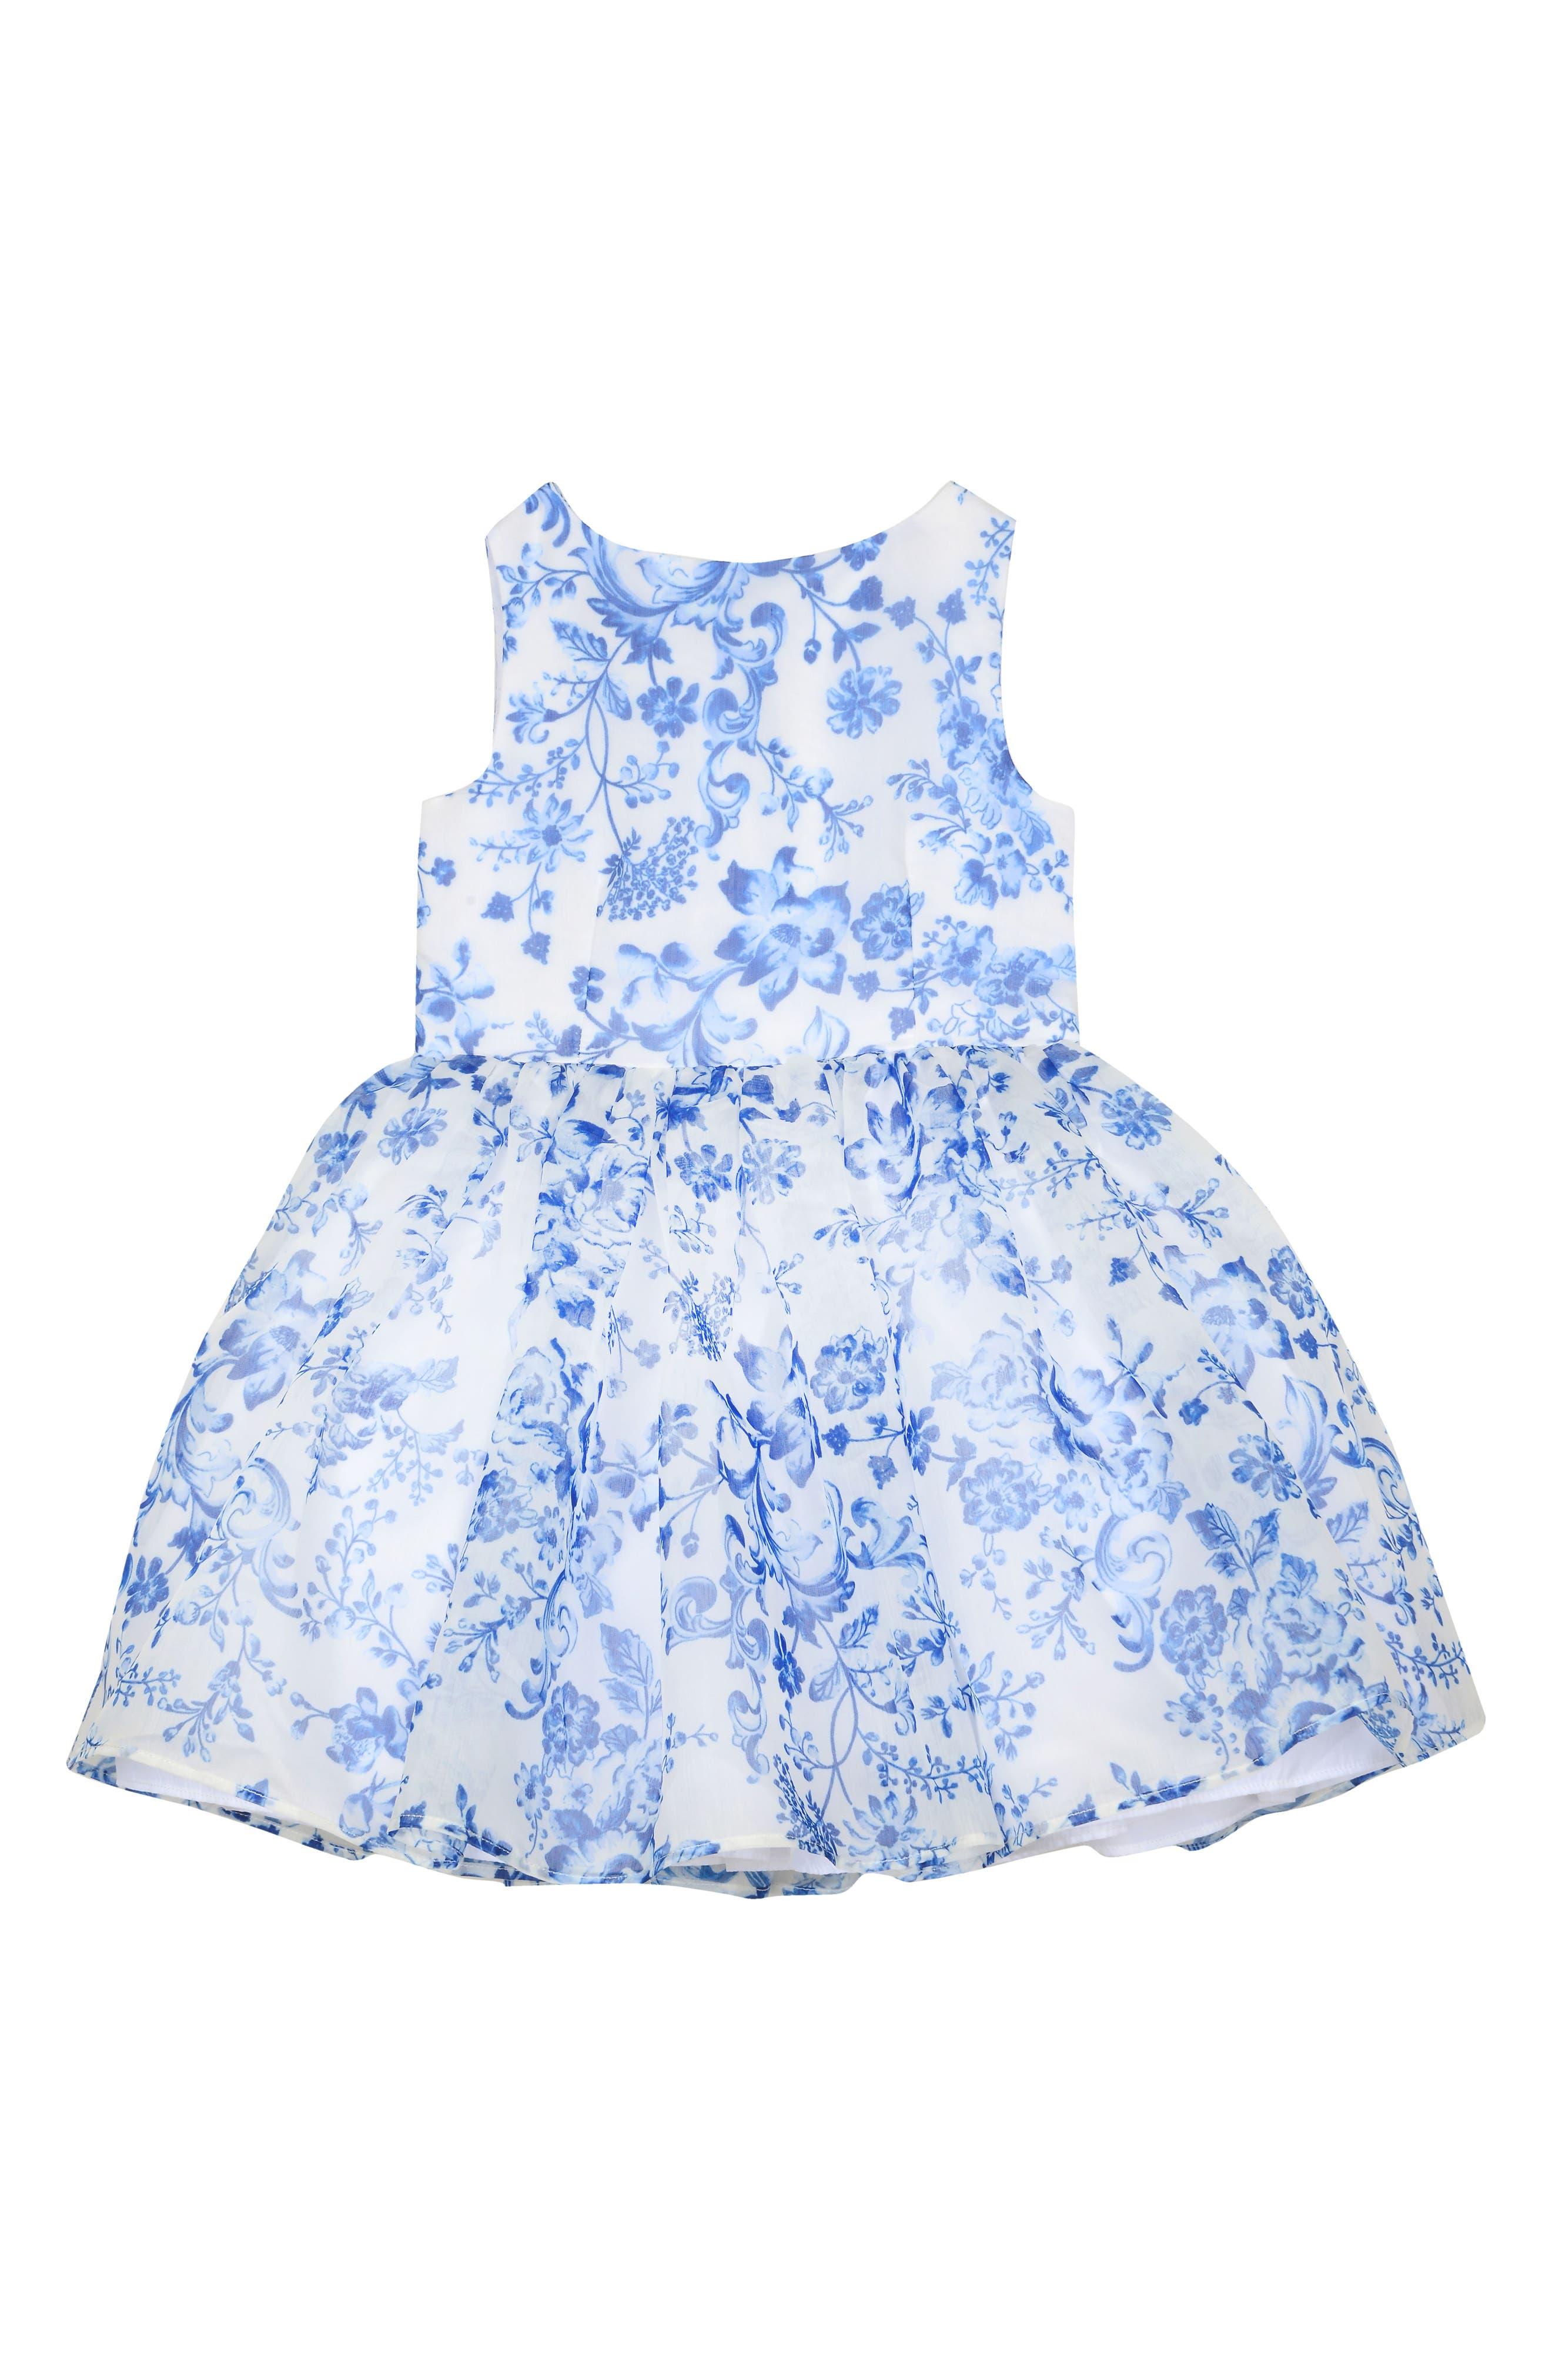 Pippa & Julie Provençal Print Dress (Toddler Girls & Little Girls)